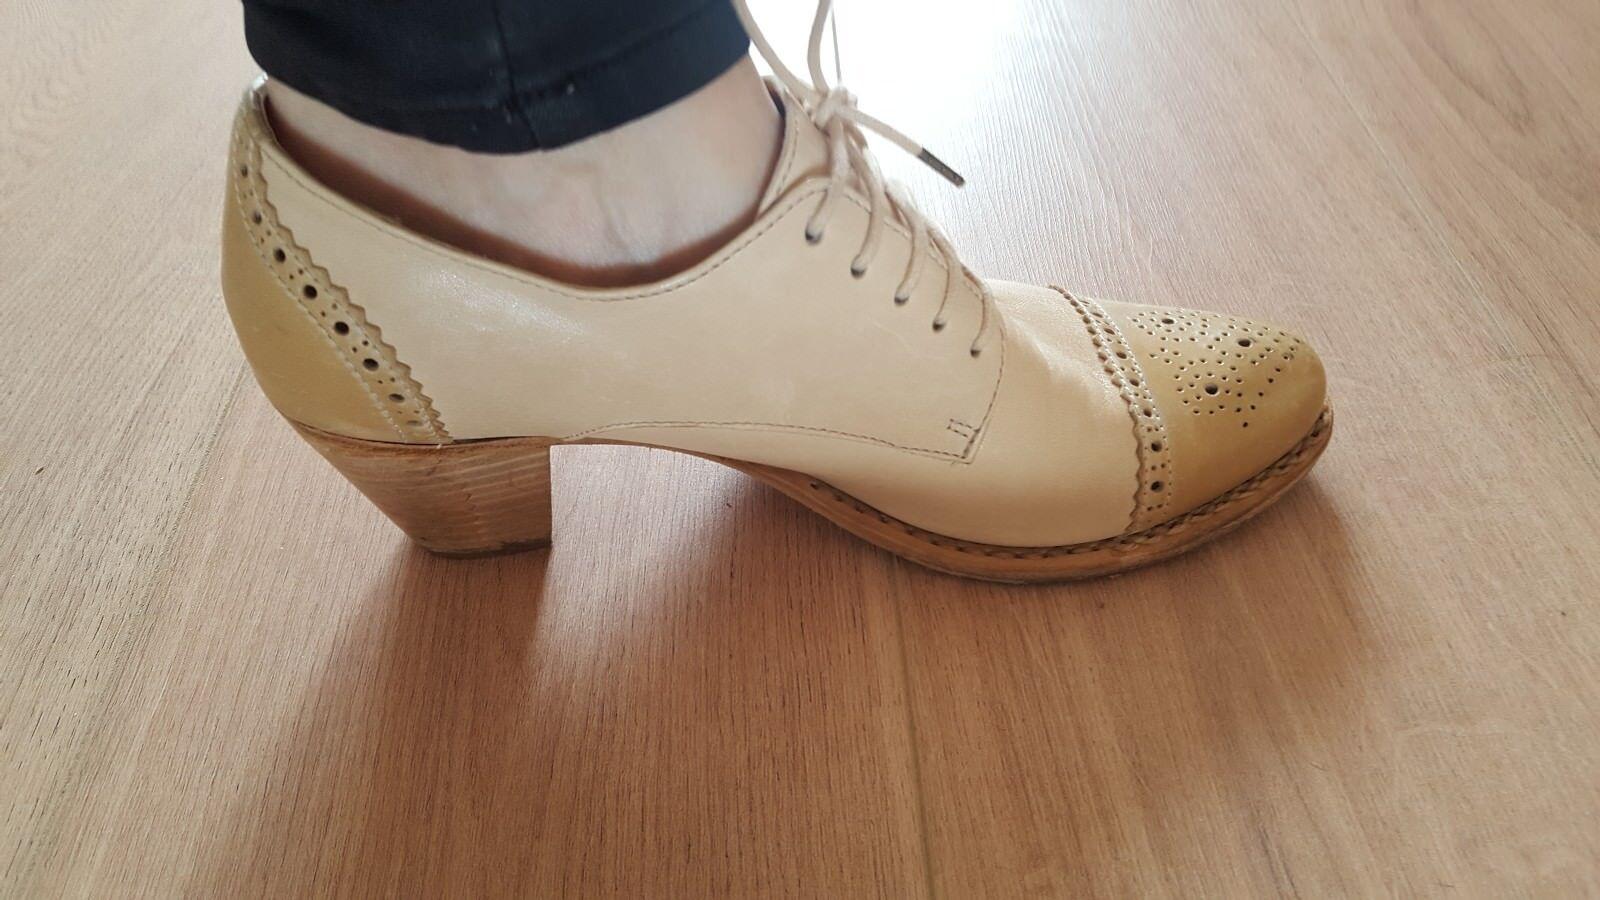 Designer Schuhe Leder Vero gr. 39 von Else Vero Leder Cuoio,  ein Mal getragen. Luxus eea5d0